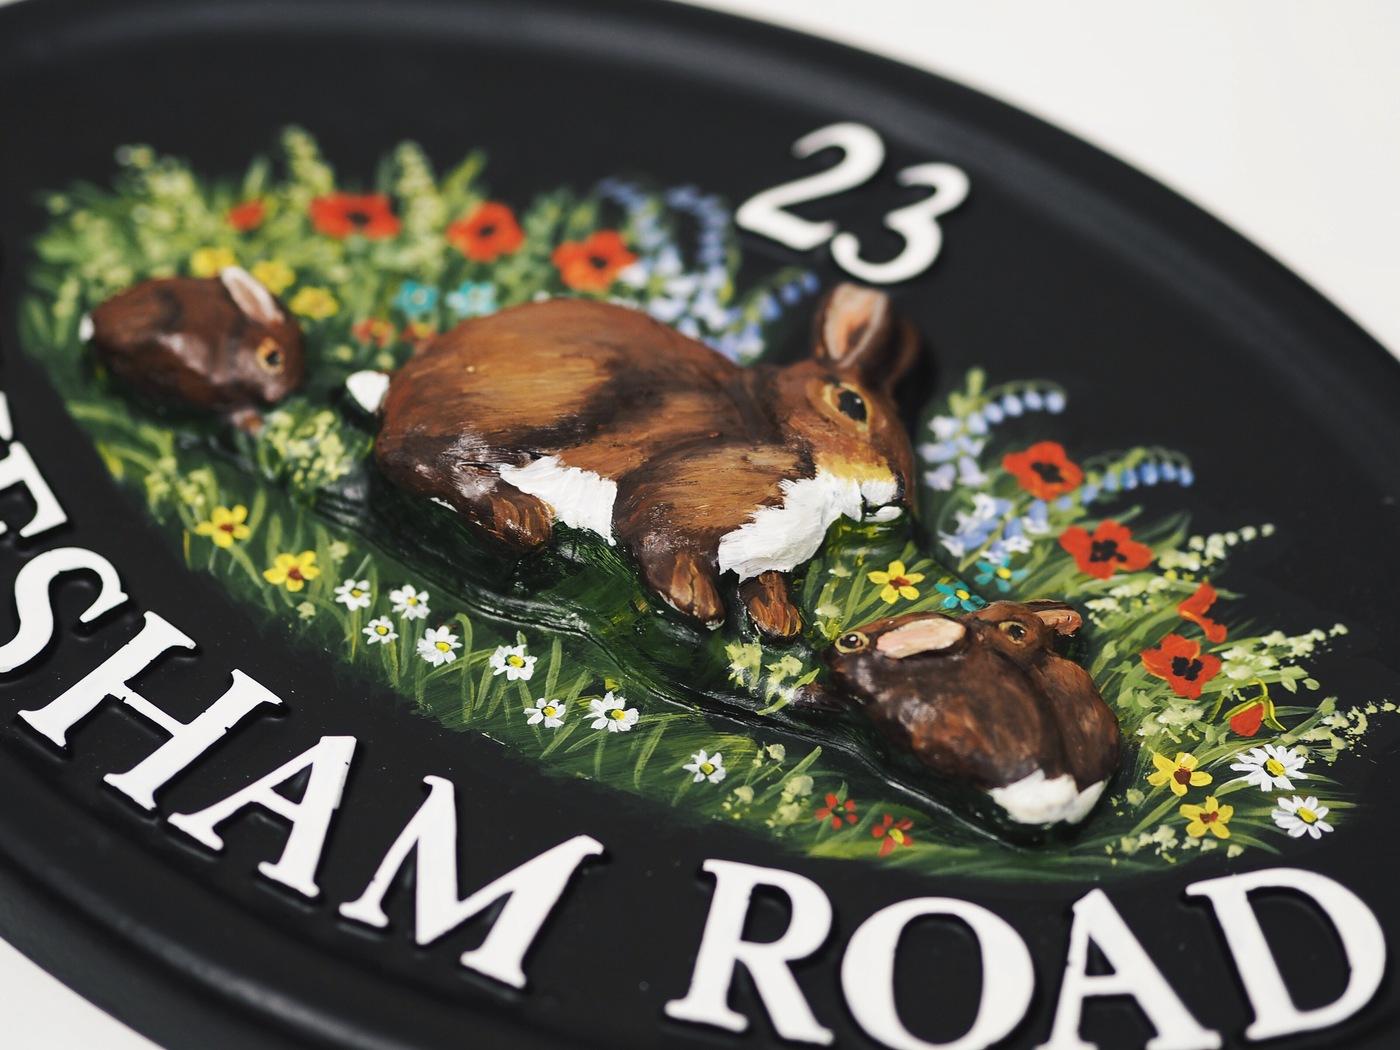 Rabbits Close Up house sign